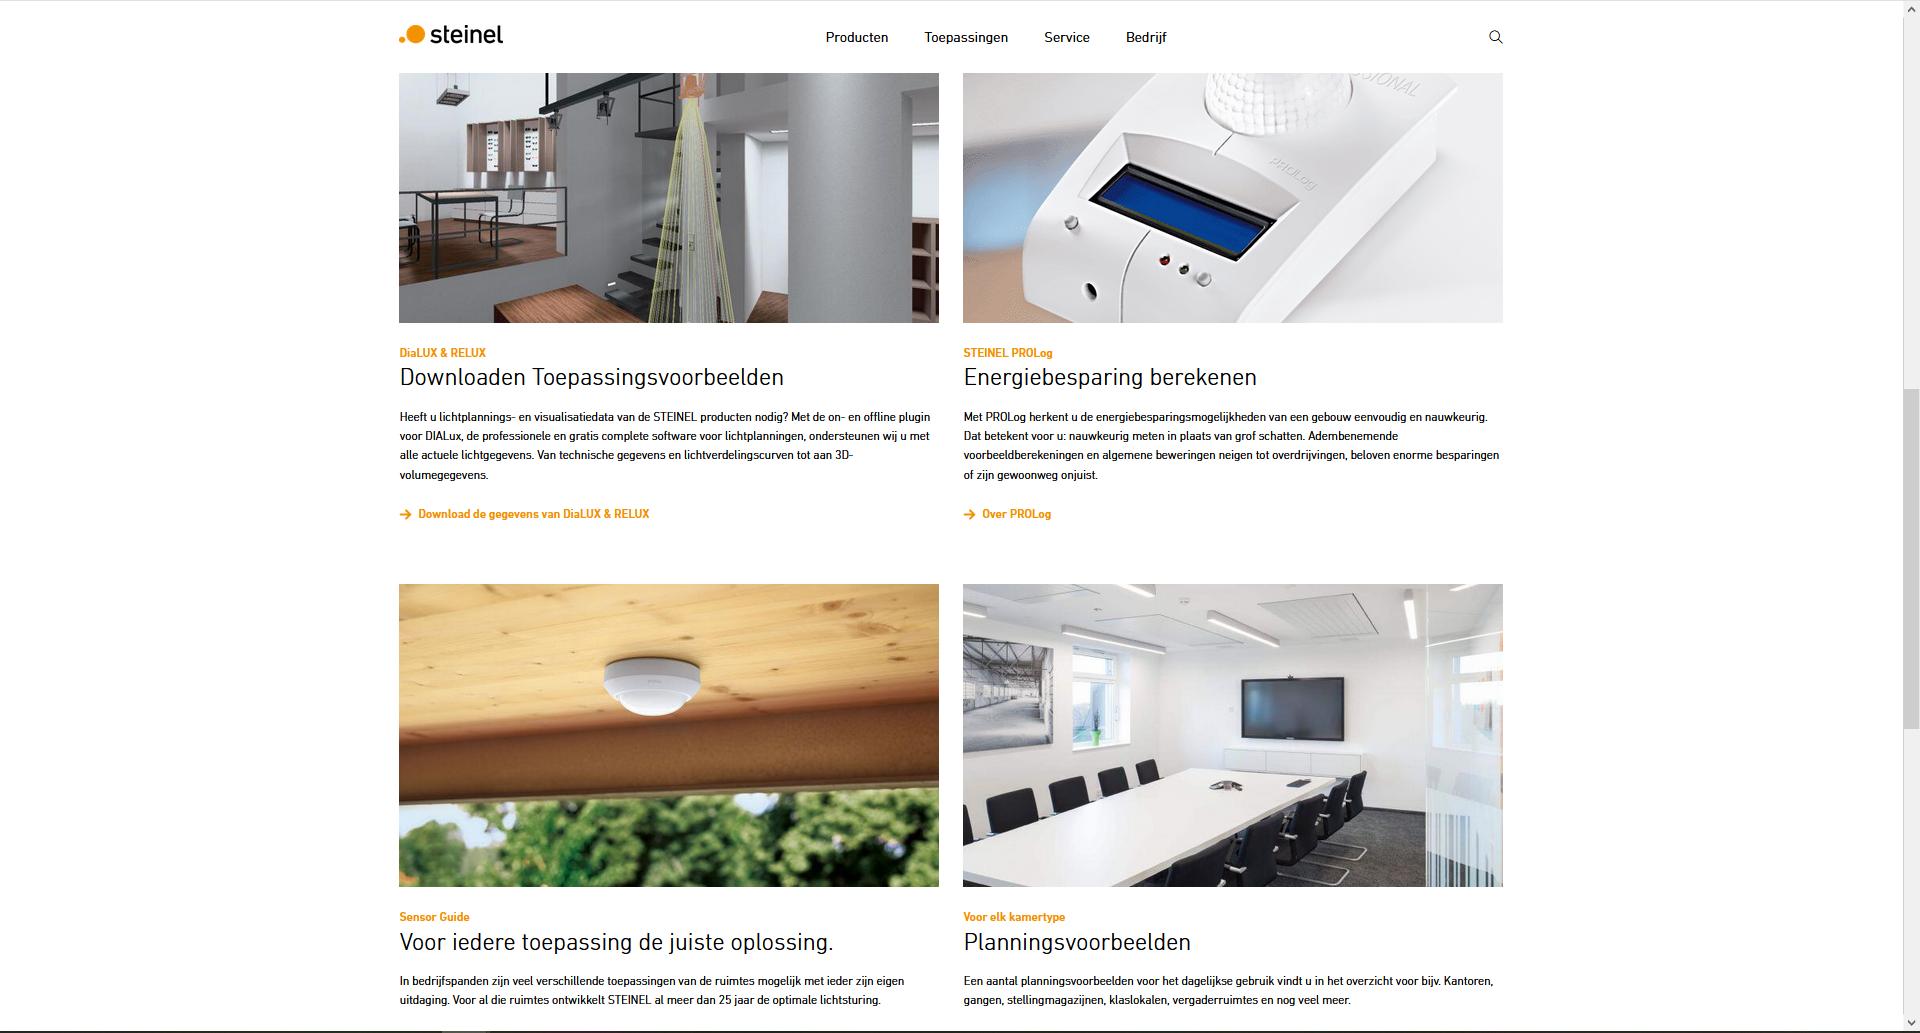 Op de website van fabrikanten zijn toepassings- en planningsvoorbeelden te vinden